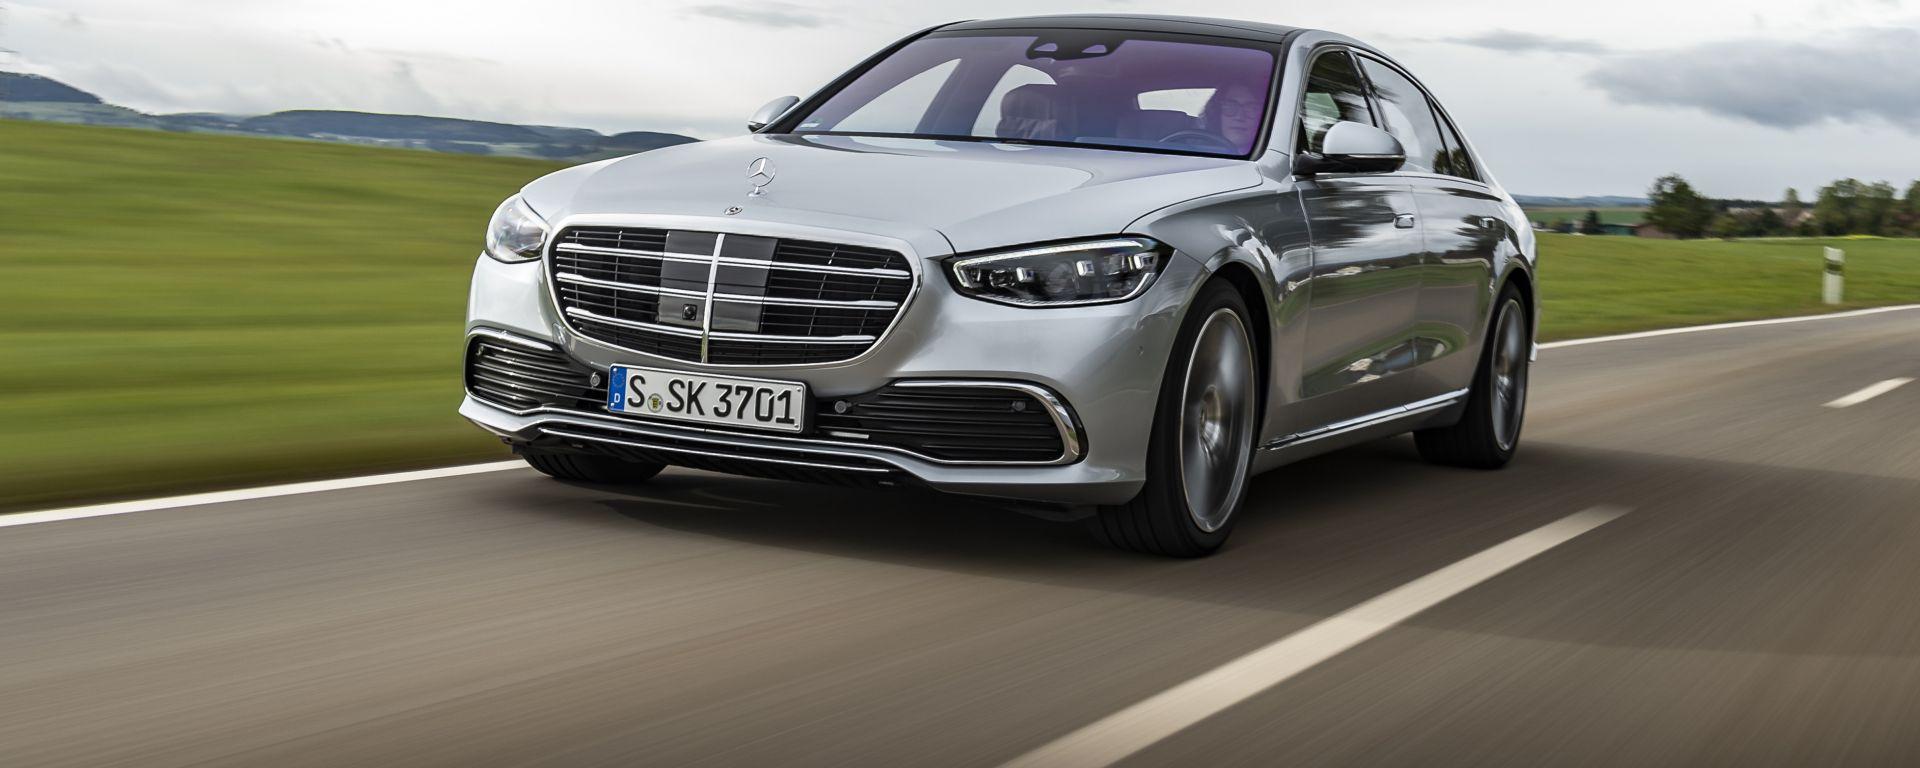 Nuova Mercedes Classe S: già pronta per la guida autonoma di livello 3